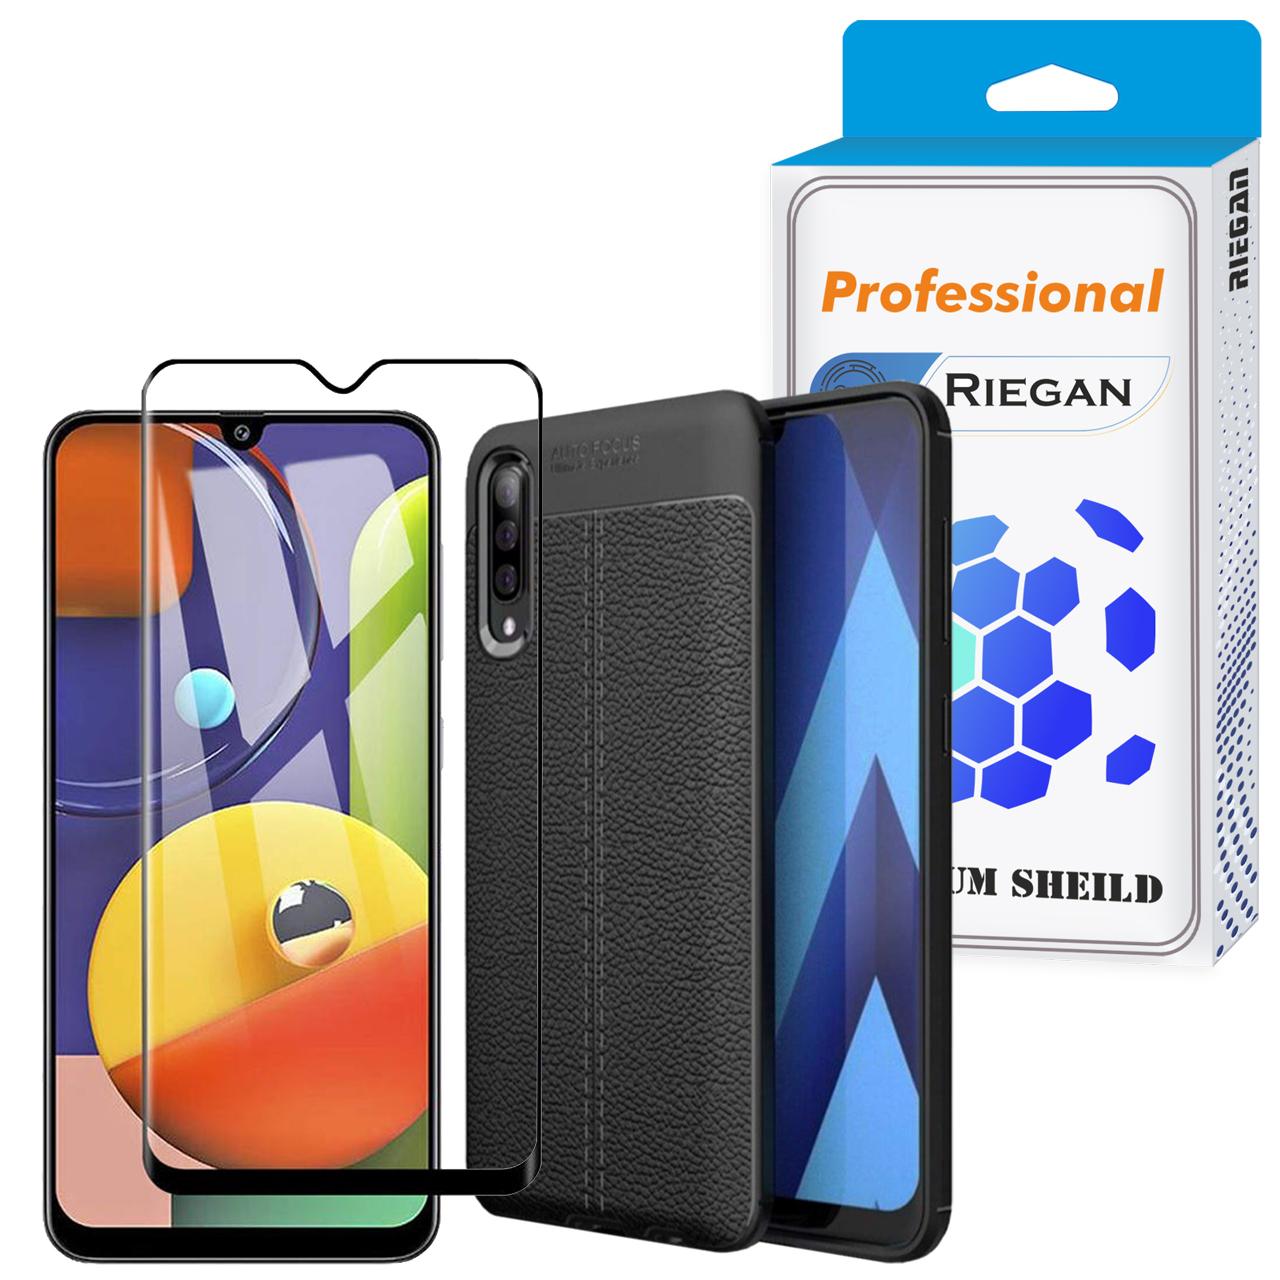 کاور ری گان مدل AF500 مناسب برای گوشی موبایل سامسونگ Galaxy A50 به همراه محافظ صفحه نمایش